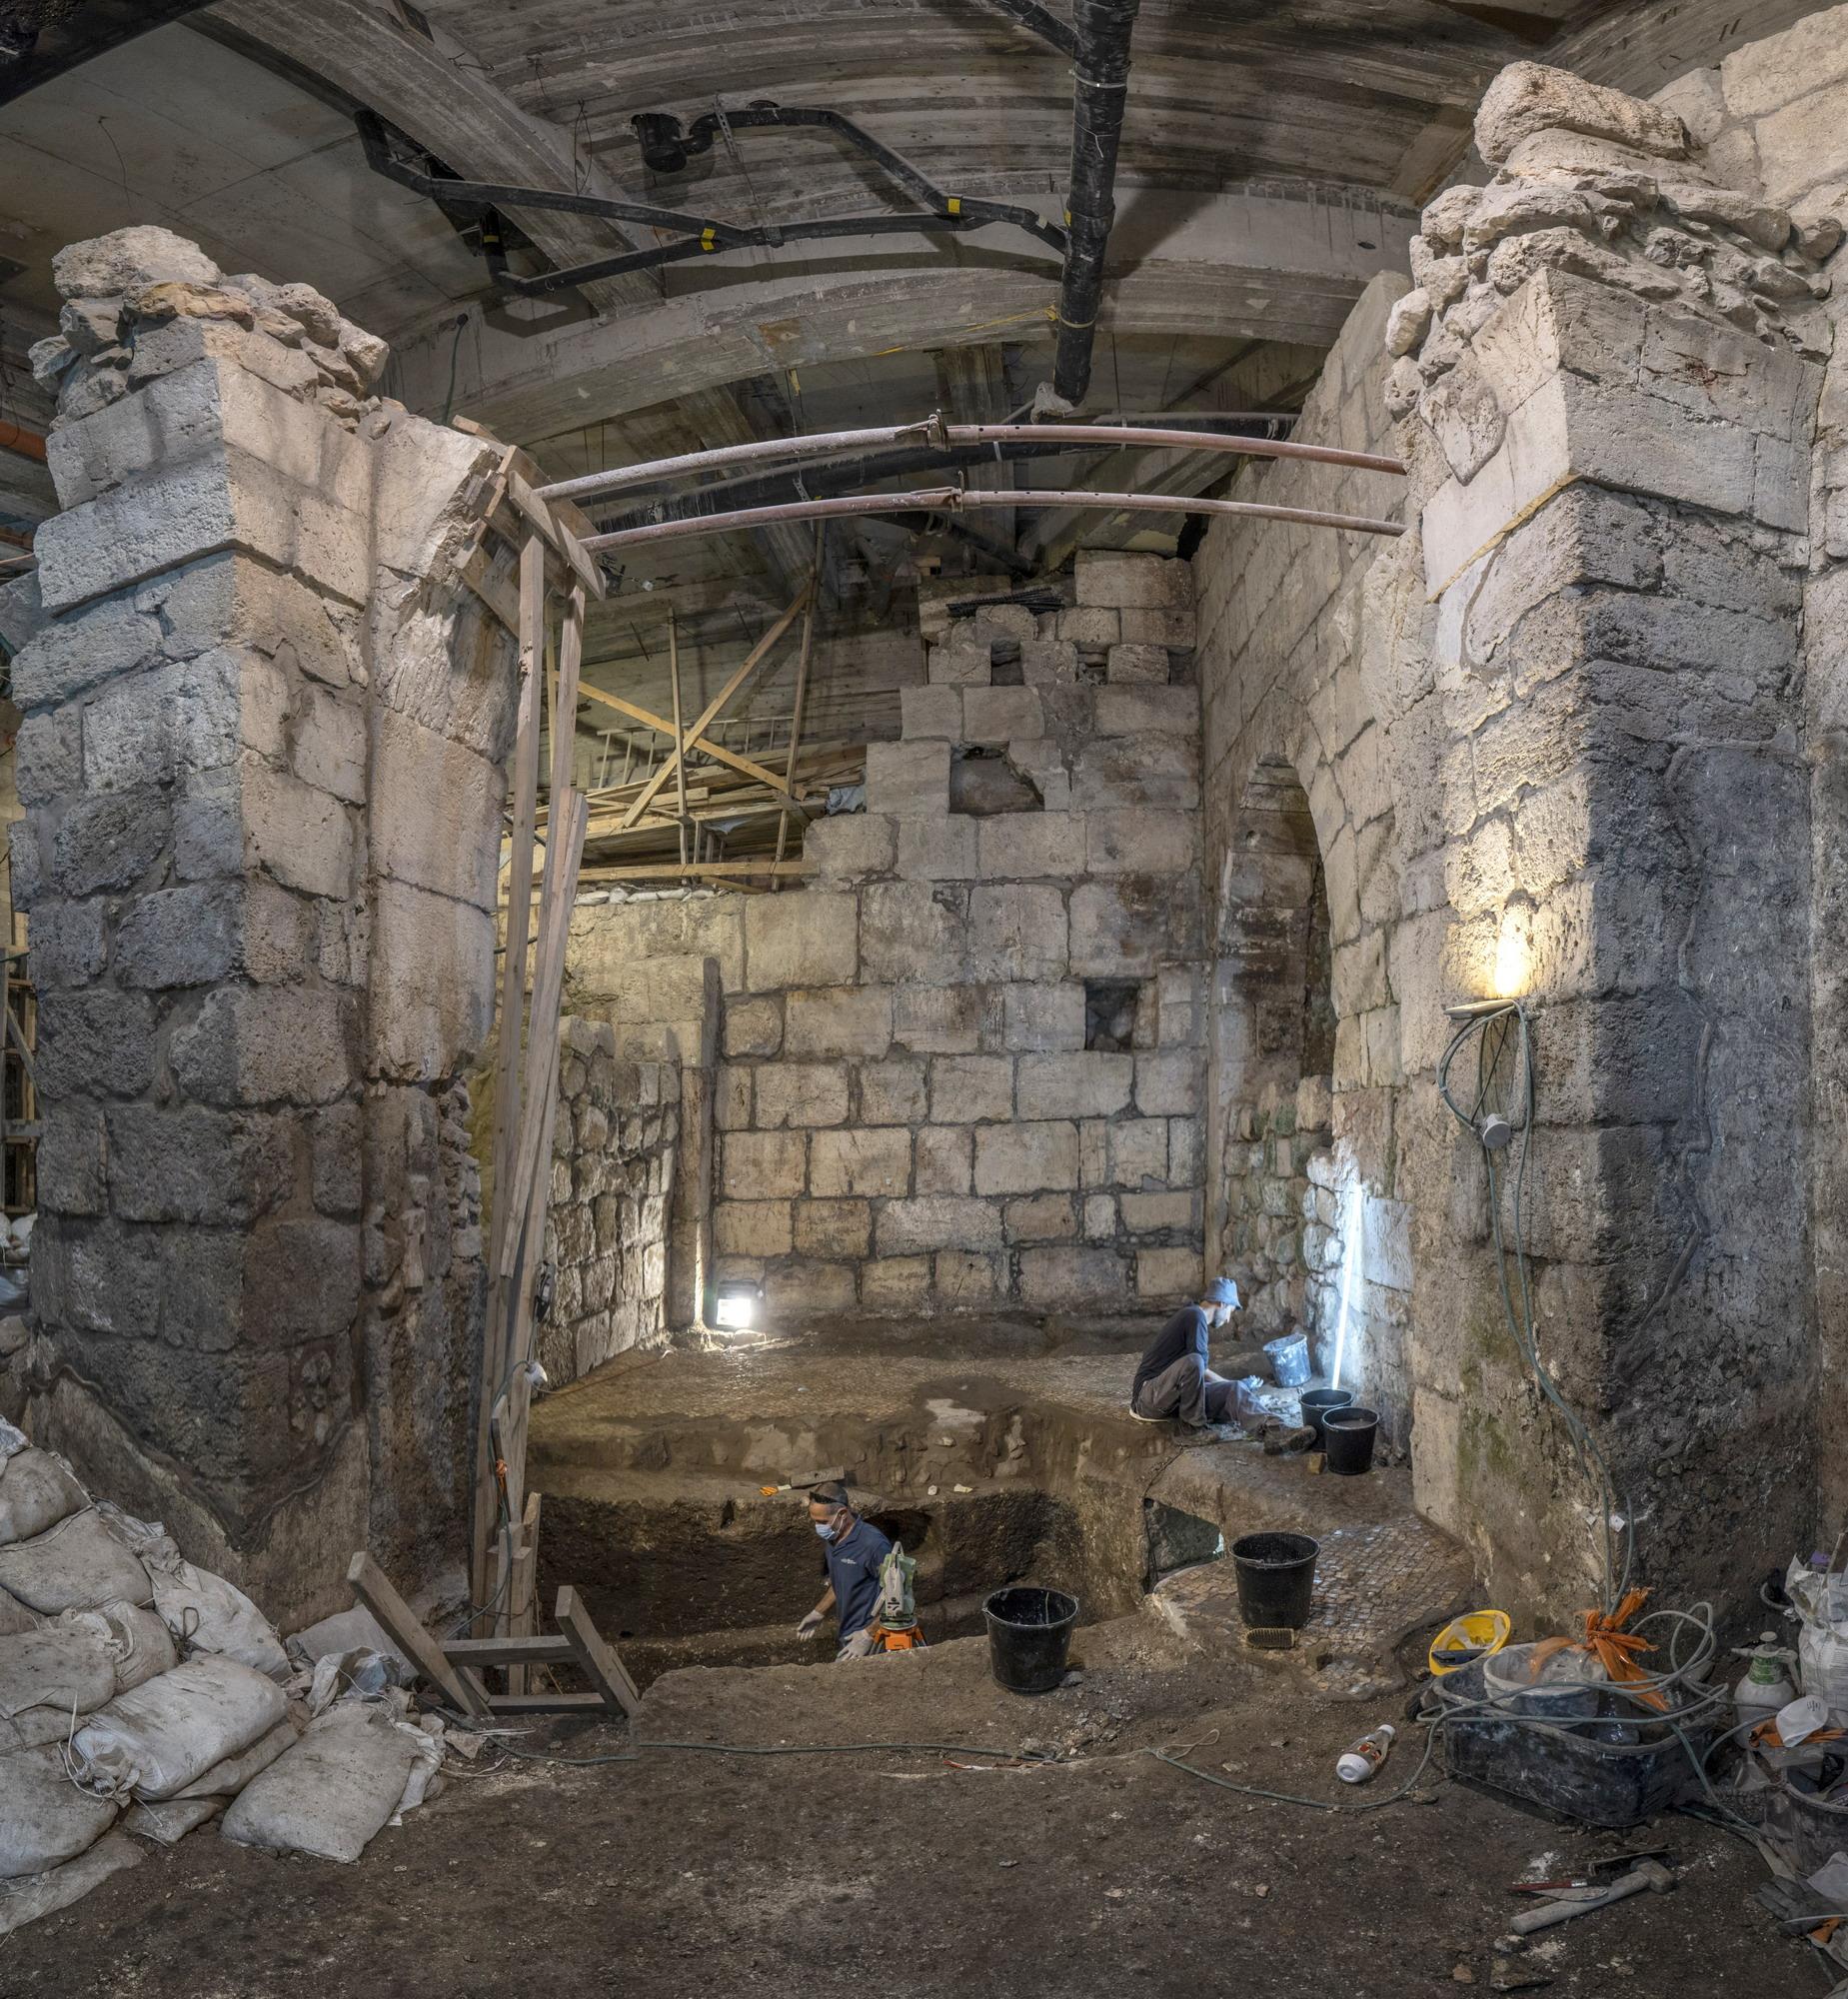 עבודות החפירה והשימור של רשות העתיקות במנהרות הכותל. צילום: שי הלוי